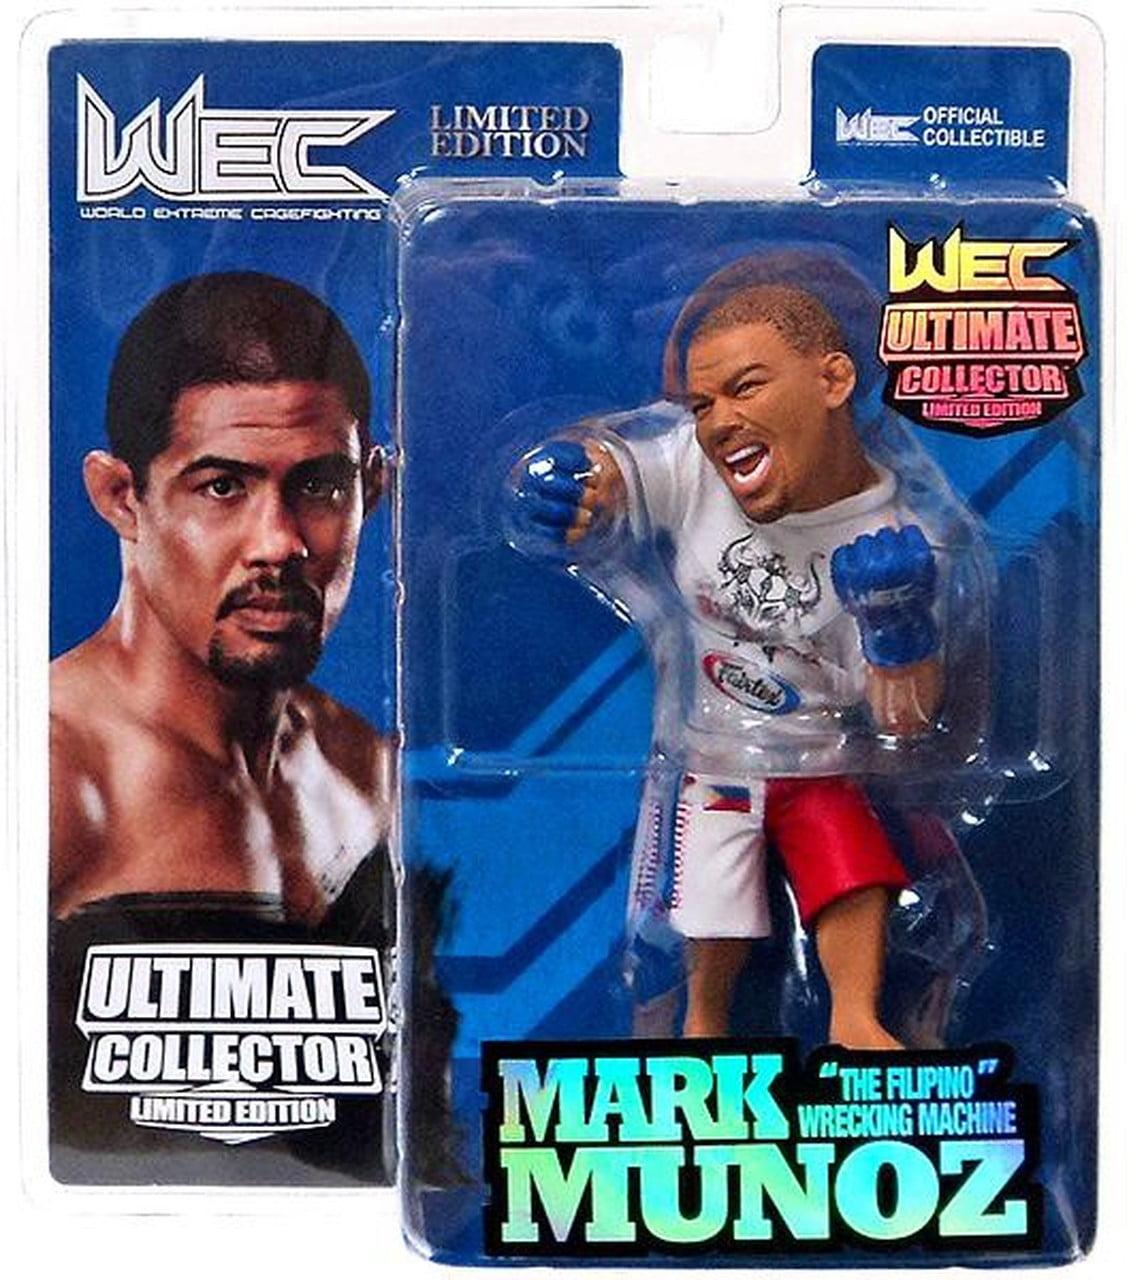 Mark Munoz Round 5